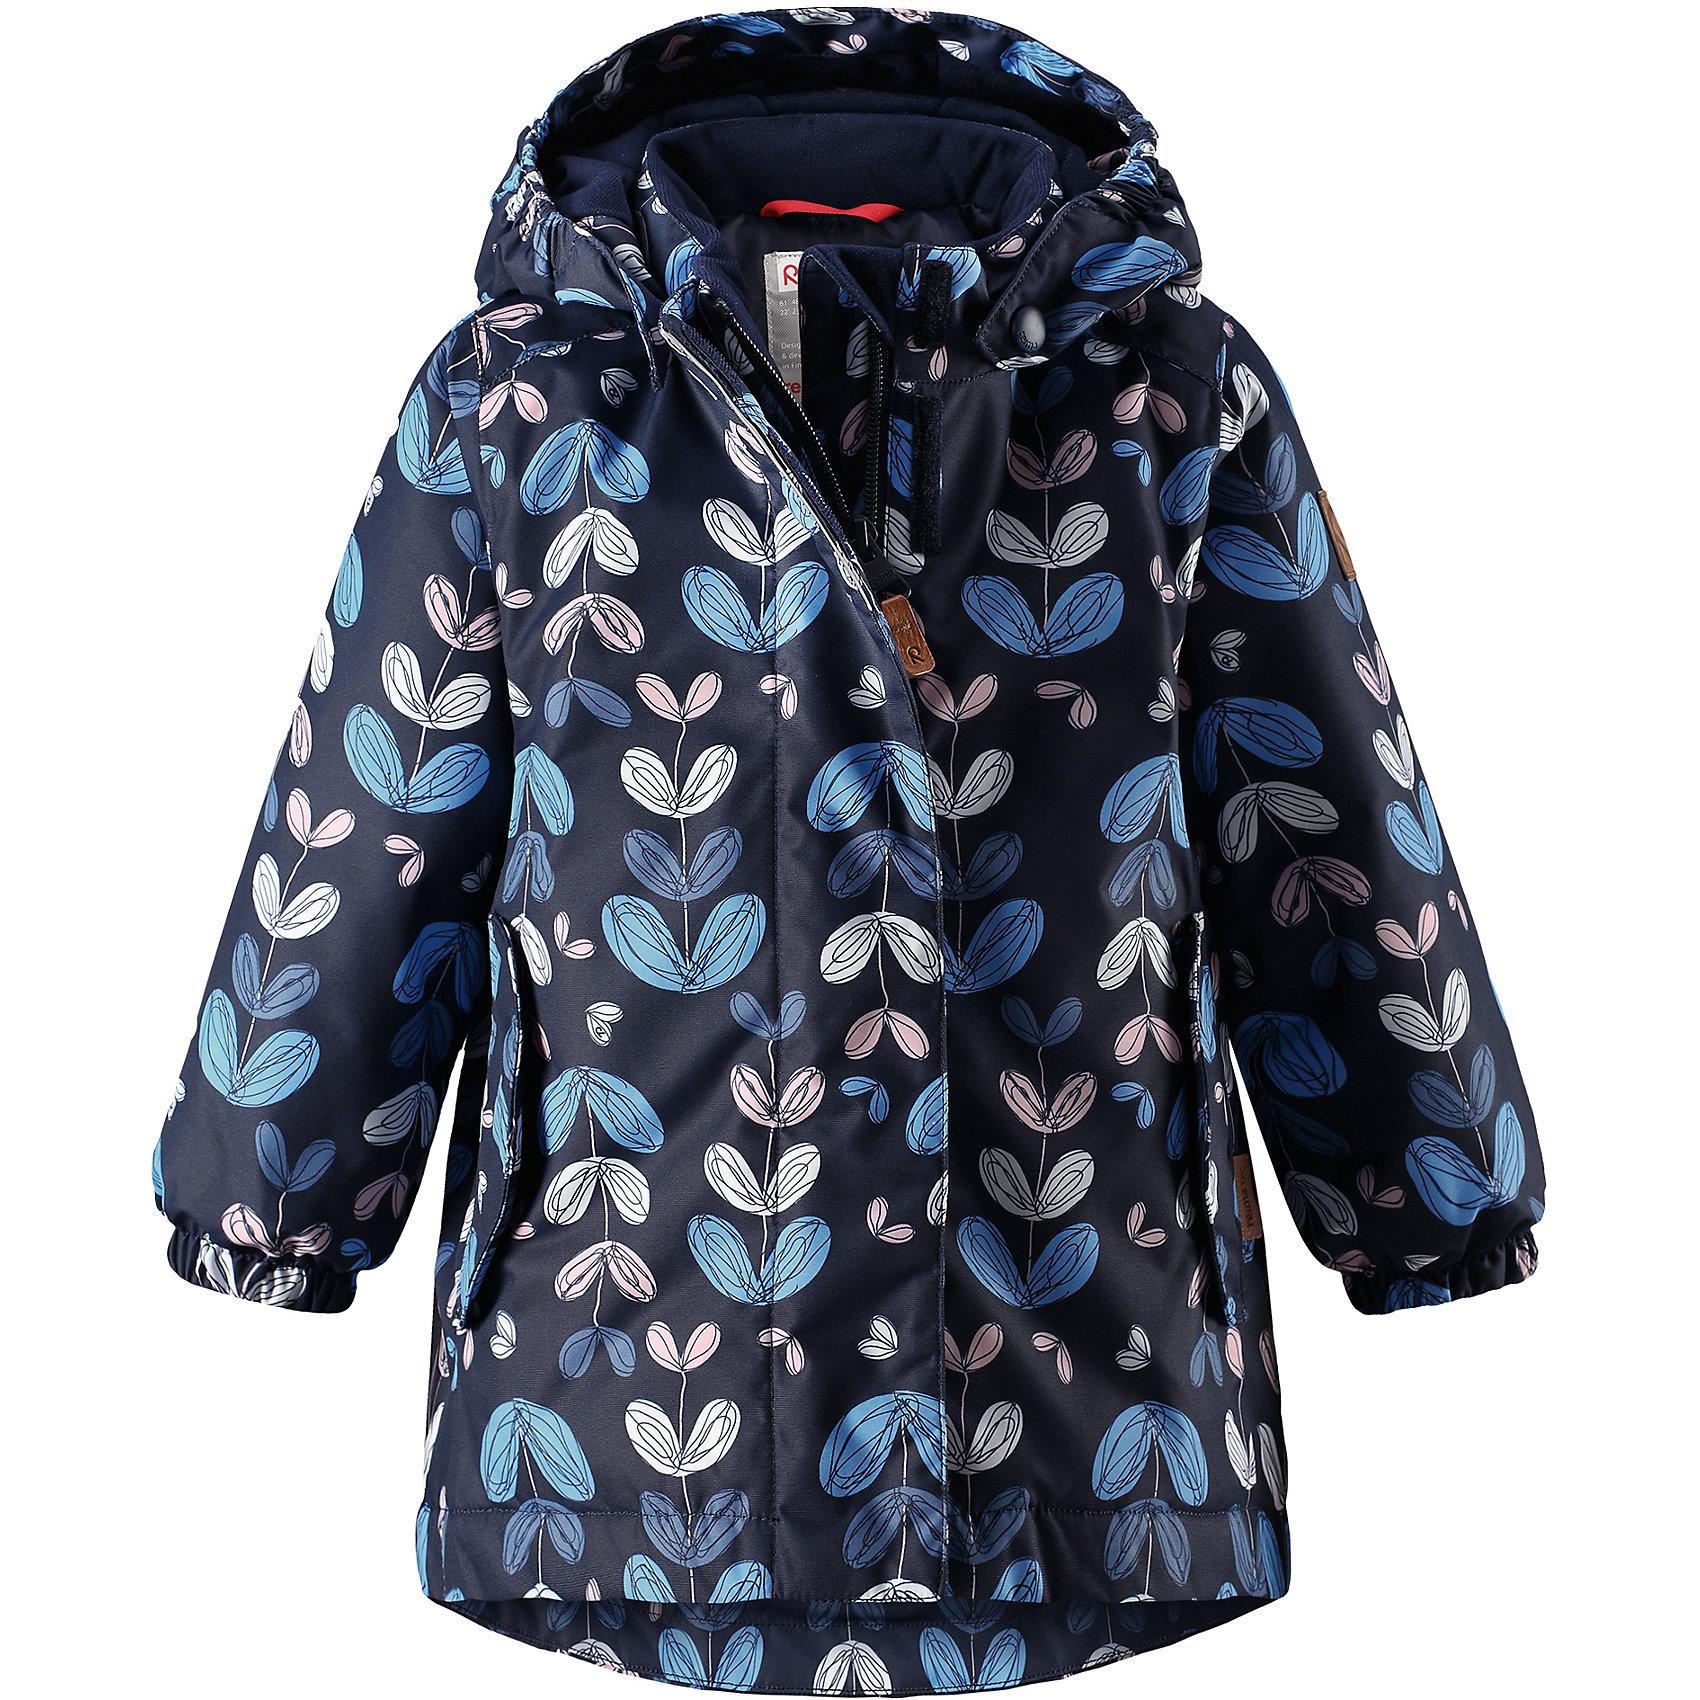 Куртка Ohra Reimatec® Reima для девочкиОдежда<br>Отличная зимняя куртка для малышей! Основные швы в куртке проклеены, а сама она изготовлена из водо- и ветронепроницаемого, грязеотталкивающего материала. Гладкая подкладка и молния во всю длину облегчают надевание. Съемный капюшон защищает от ветра, к тому же он абсолютно безопасен – легко отстегнется, если вдруг за что-нибудь зацепится. Маленькие карманы на молнии надежно сохранят все сокровища.<br>Состав:<br>100% Полиэстер<br><br>Ширина мм: 356<br>Глубина мм: 10<br>Высота мм: 245<br>Вес г: 519<br>Цвет: синий<br>Возраст от месяцев: 18<br>Возраст до месяцев: 24<br>Пол: Женский<br>Возраст: Детский<br>Размер: 92,86,80,98<br>SKU: 6968457